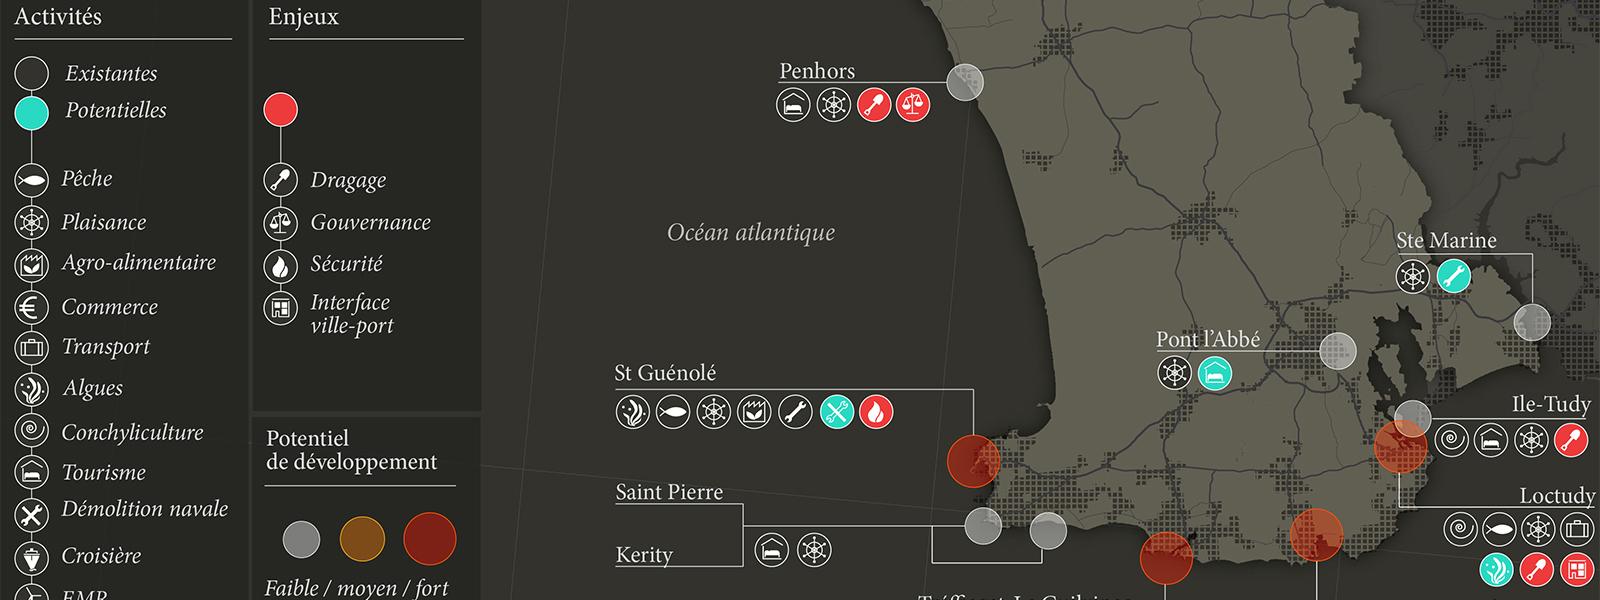 Les ports de Cornouaille - Guillaume Sciaux - Cartographe professionnel